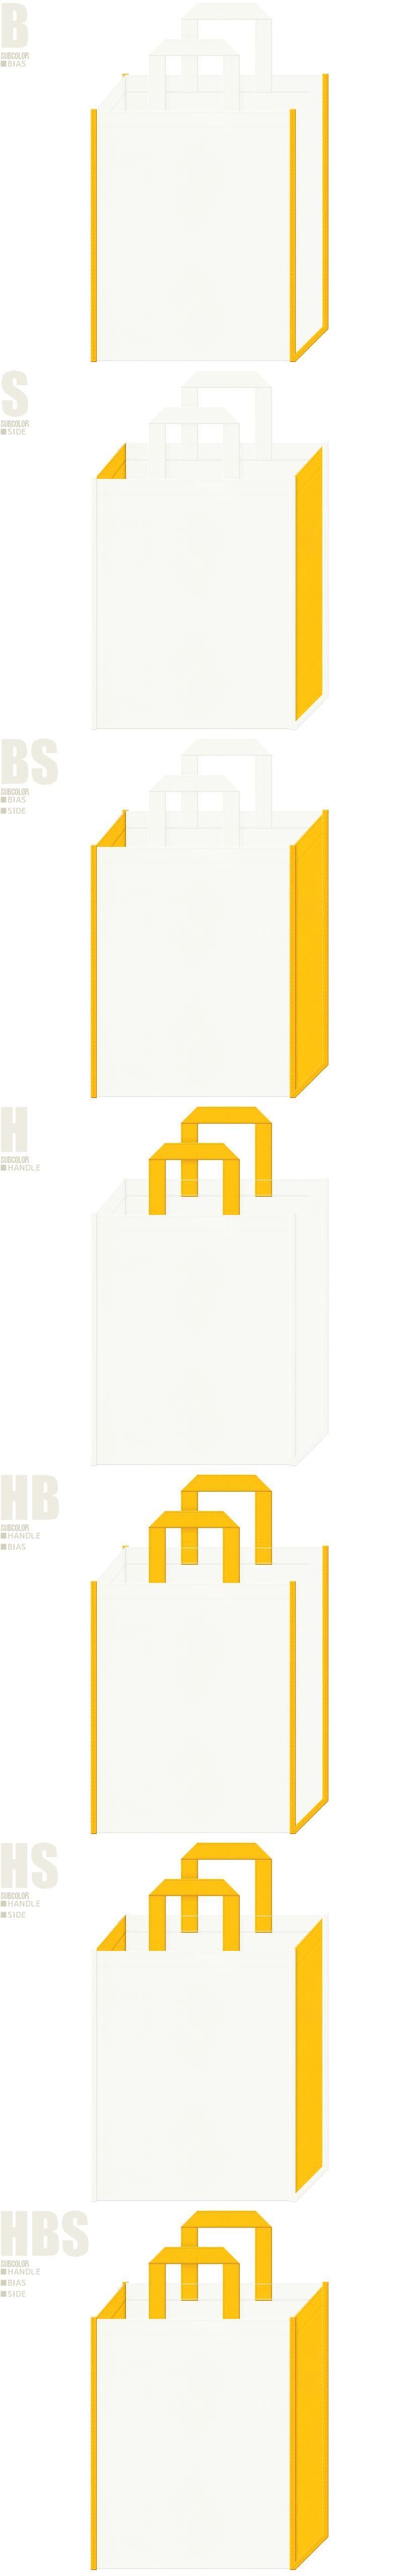 オフホワイト色と黄色、7パターンの不織布トートバッグ配色デザイン例。キッチン用品の展示会用バッグにお奨めです。たまご・目玉焼きのイメージ。